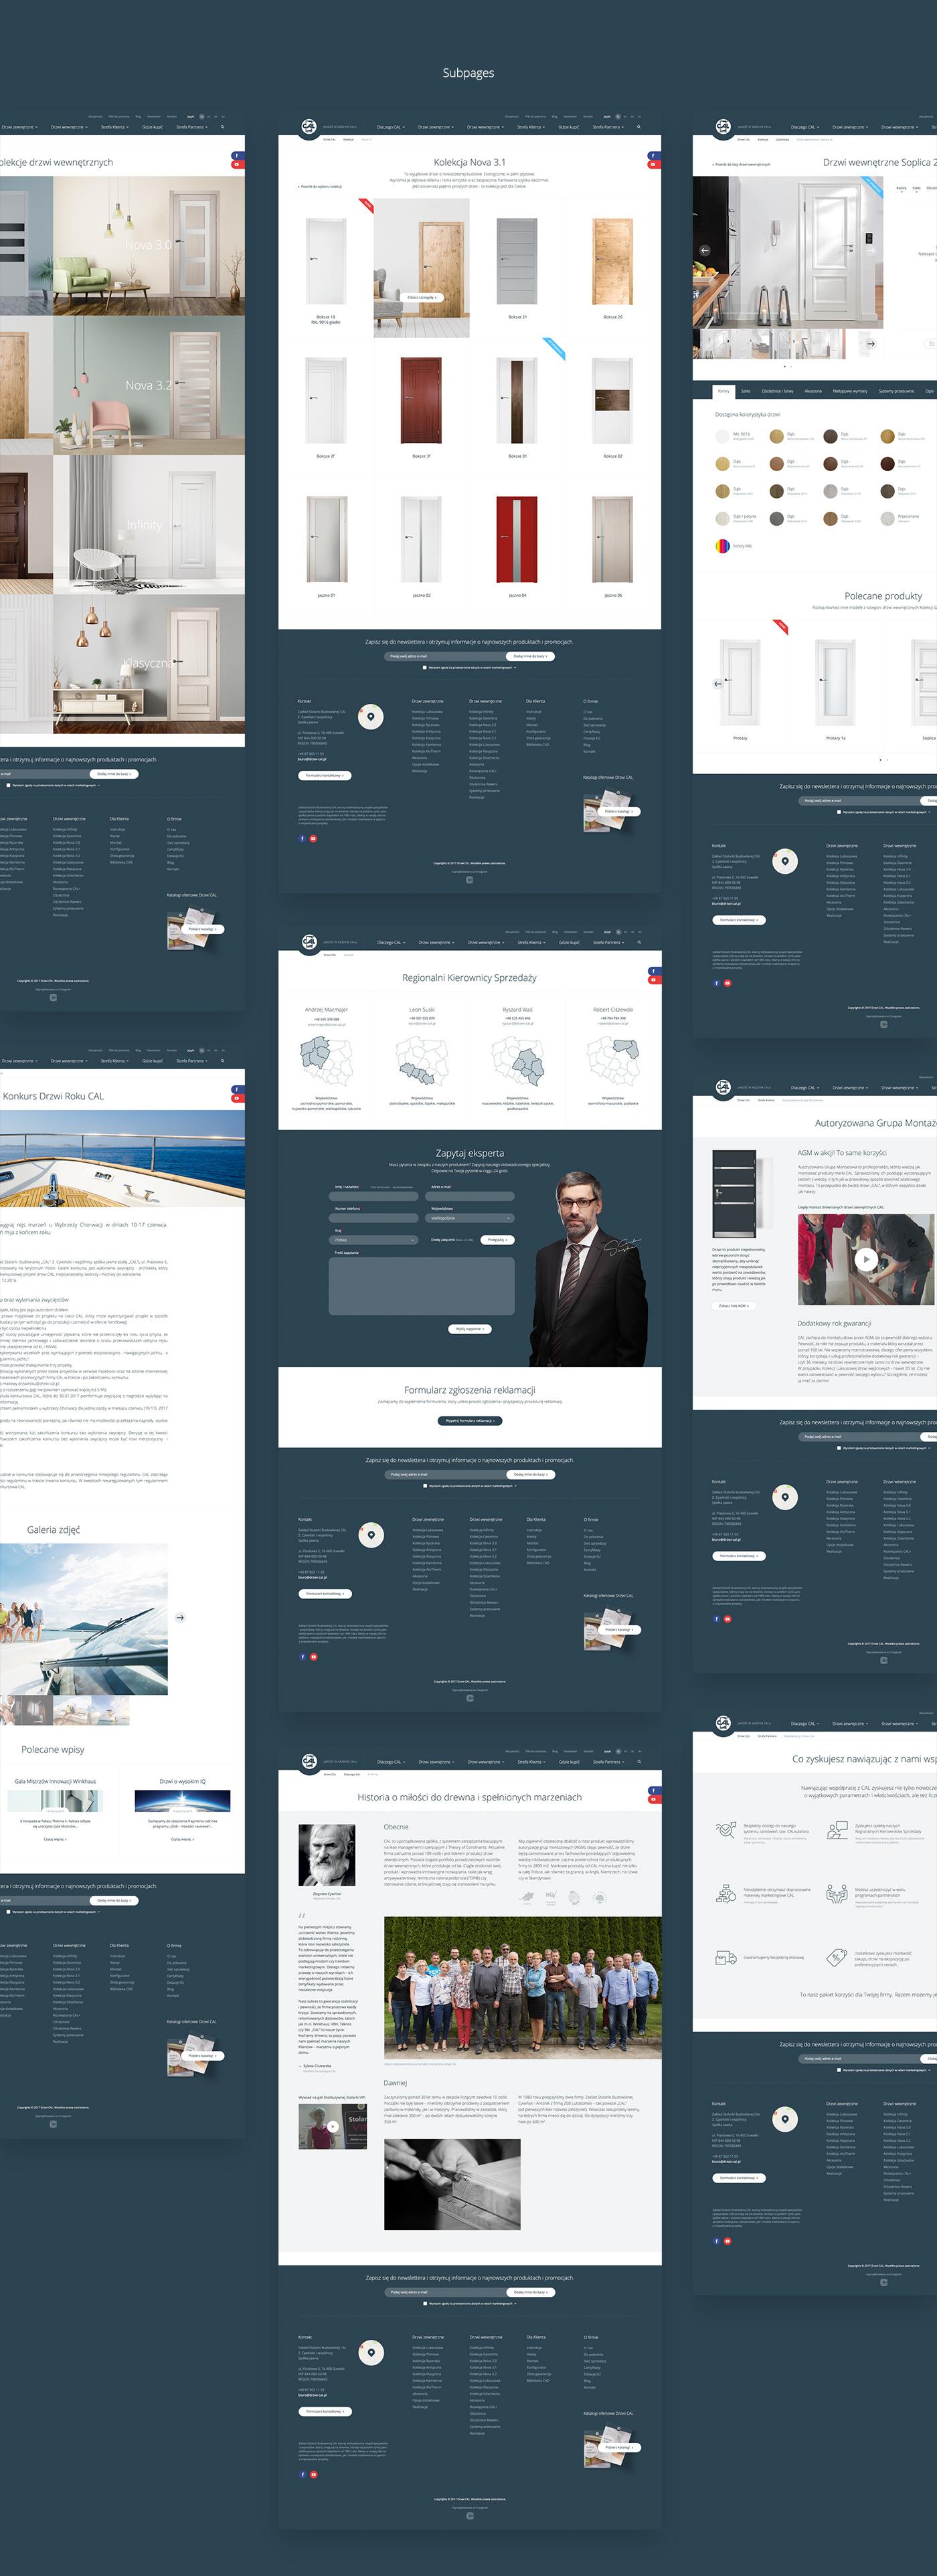 Webdesign,ux,www,Web,creogram,design,Responsive,rwd,door,cal